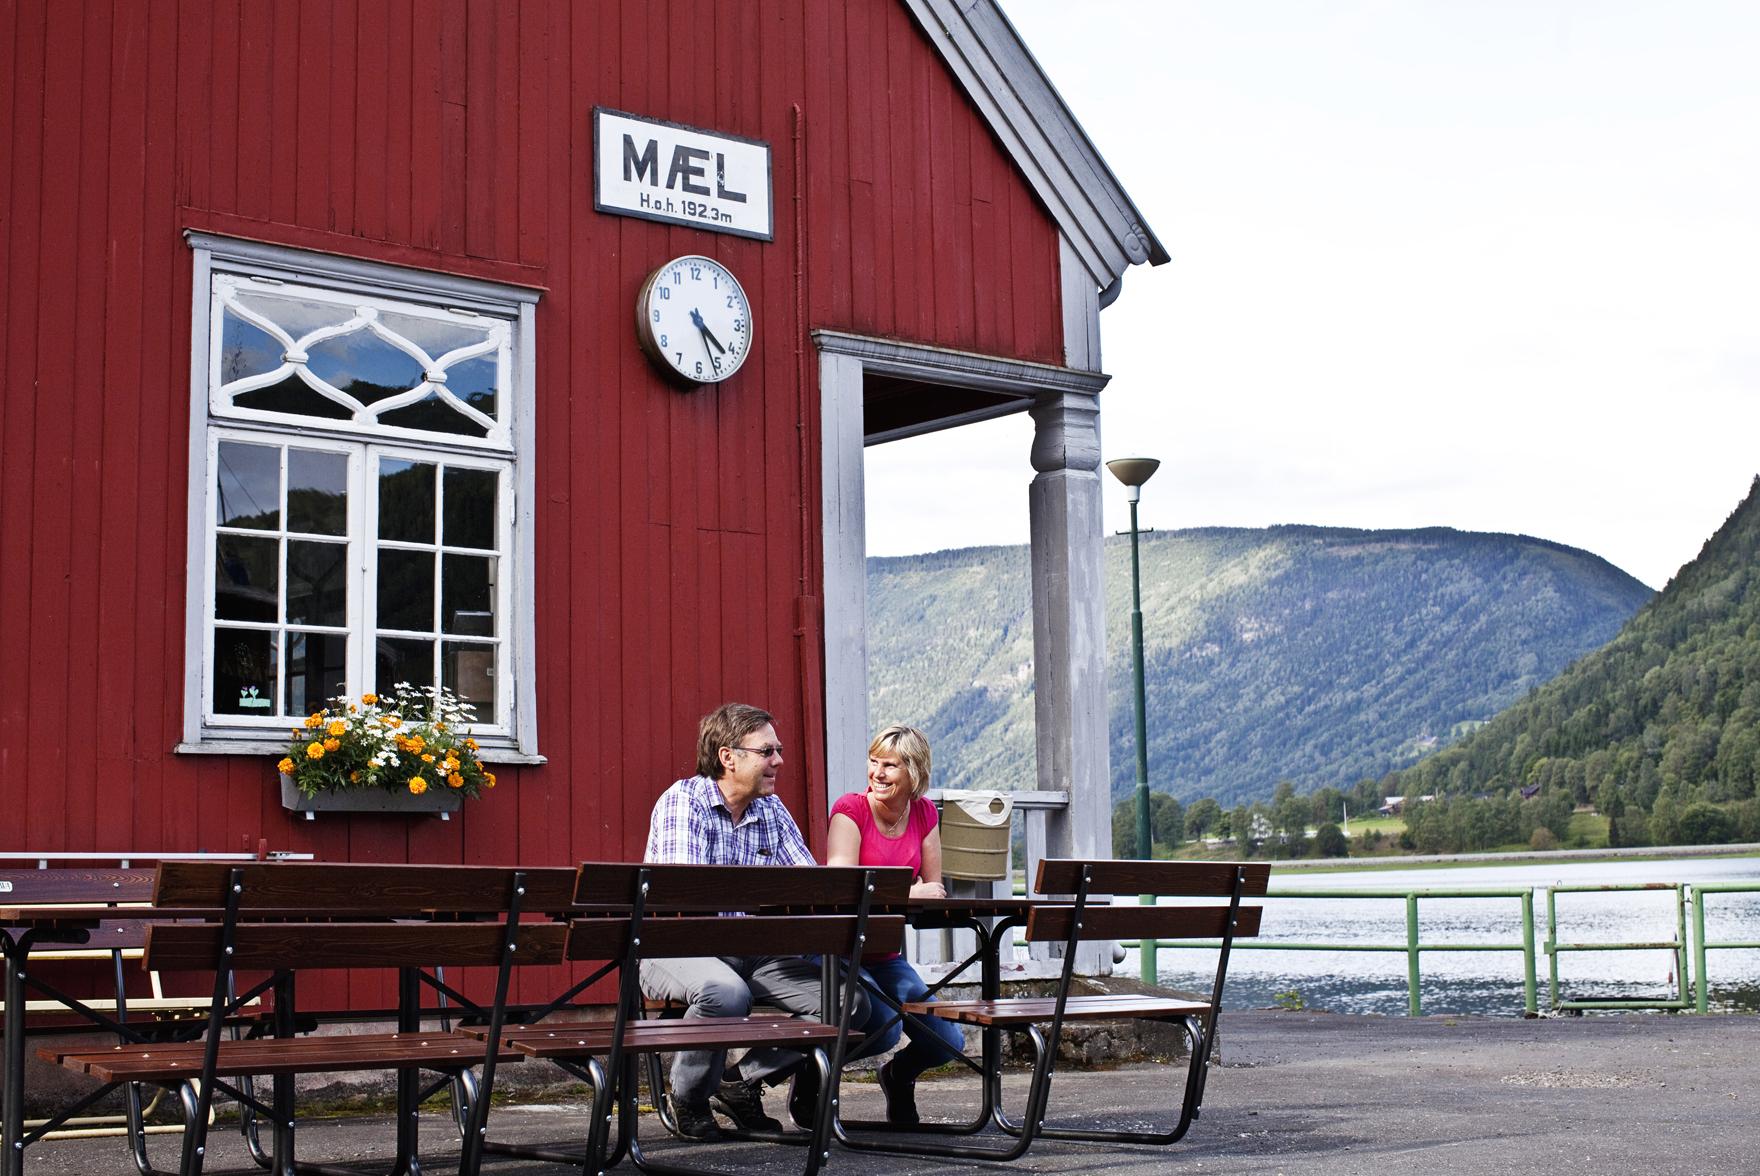 I sommerhalvåret er det åpen kafe ved Mæl stasjon.  , © Fotograf Jacobsen